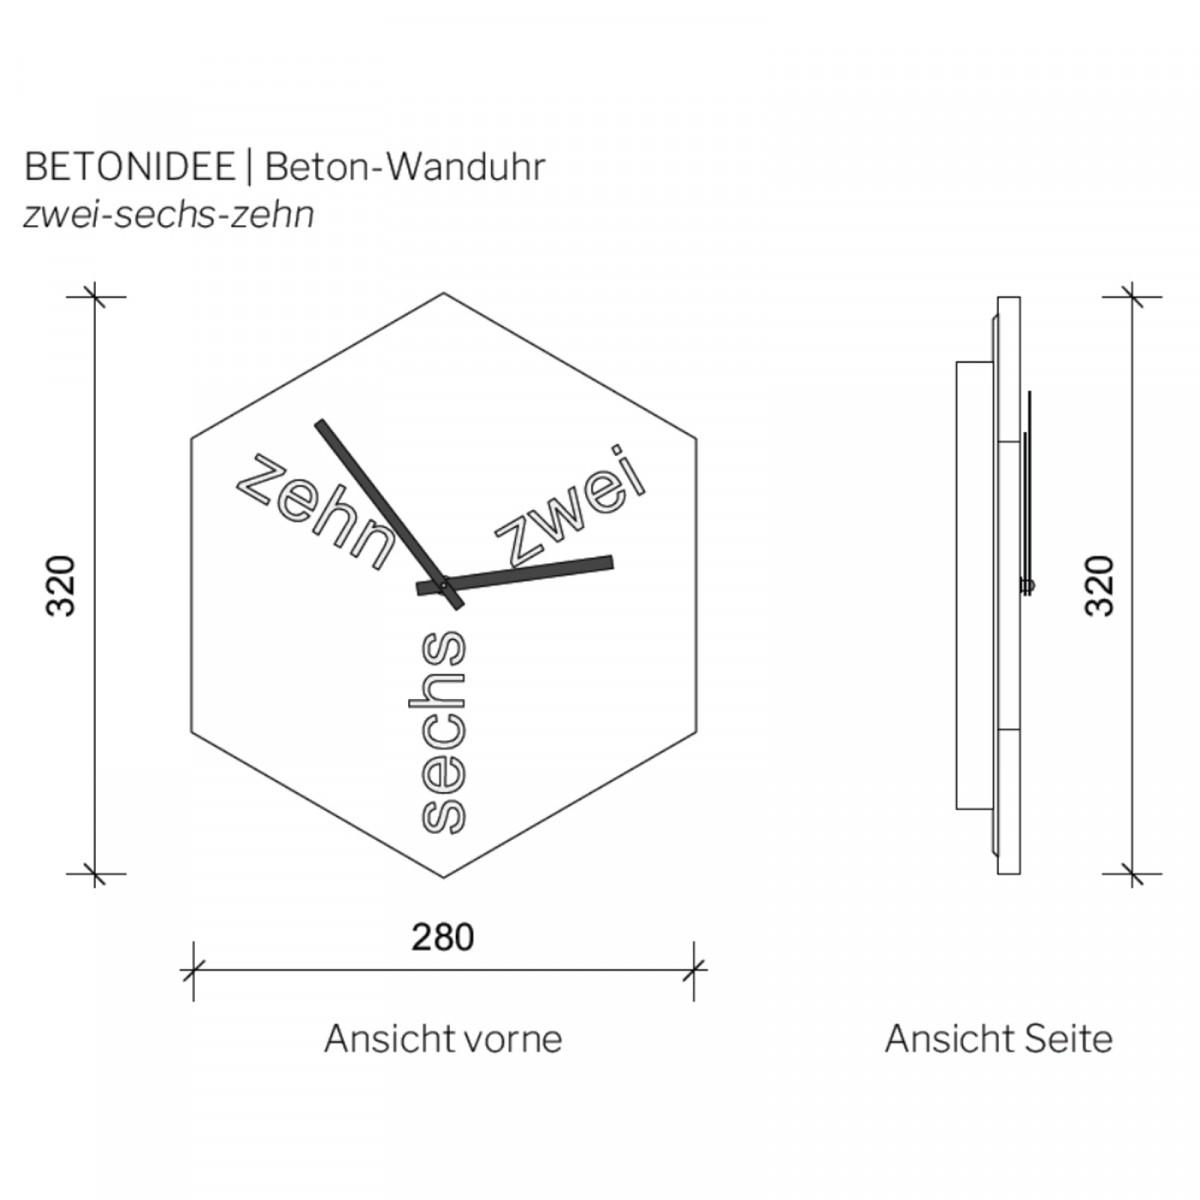 betonIDEE zehn-zwei-sechs | lautlose Wanduhr aus Beton mit Holz-Zeigern